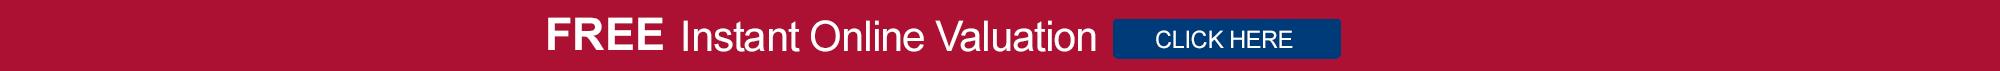 intsant online valuation